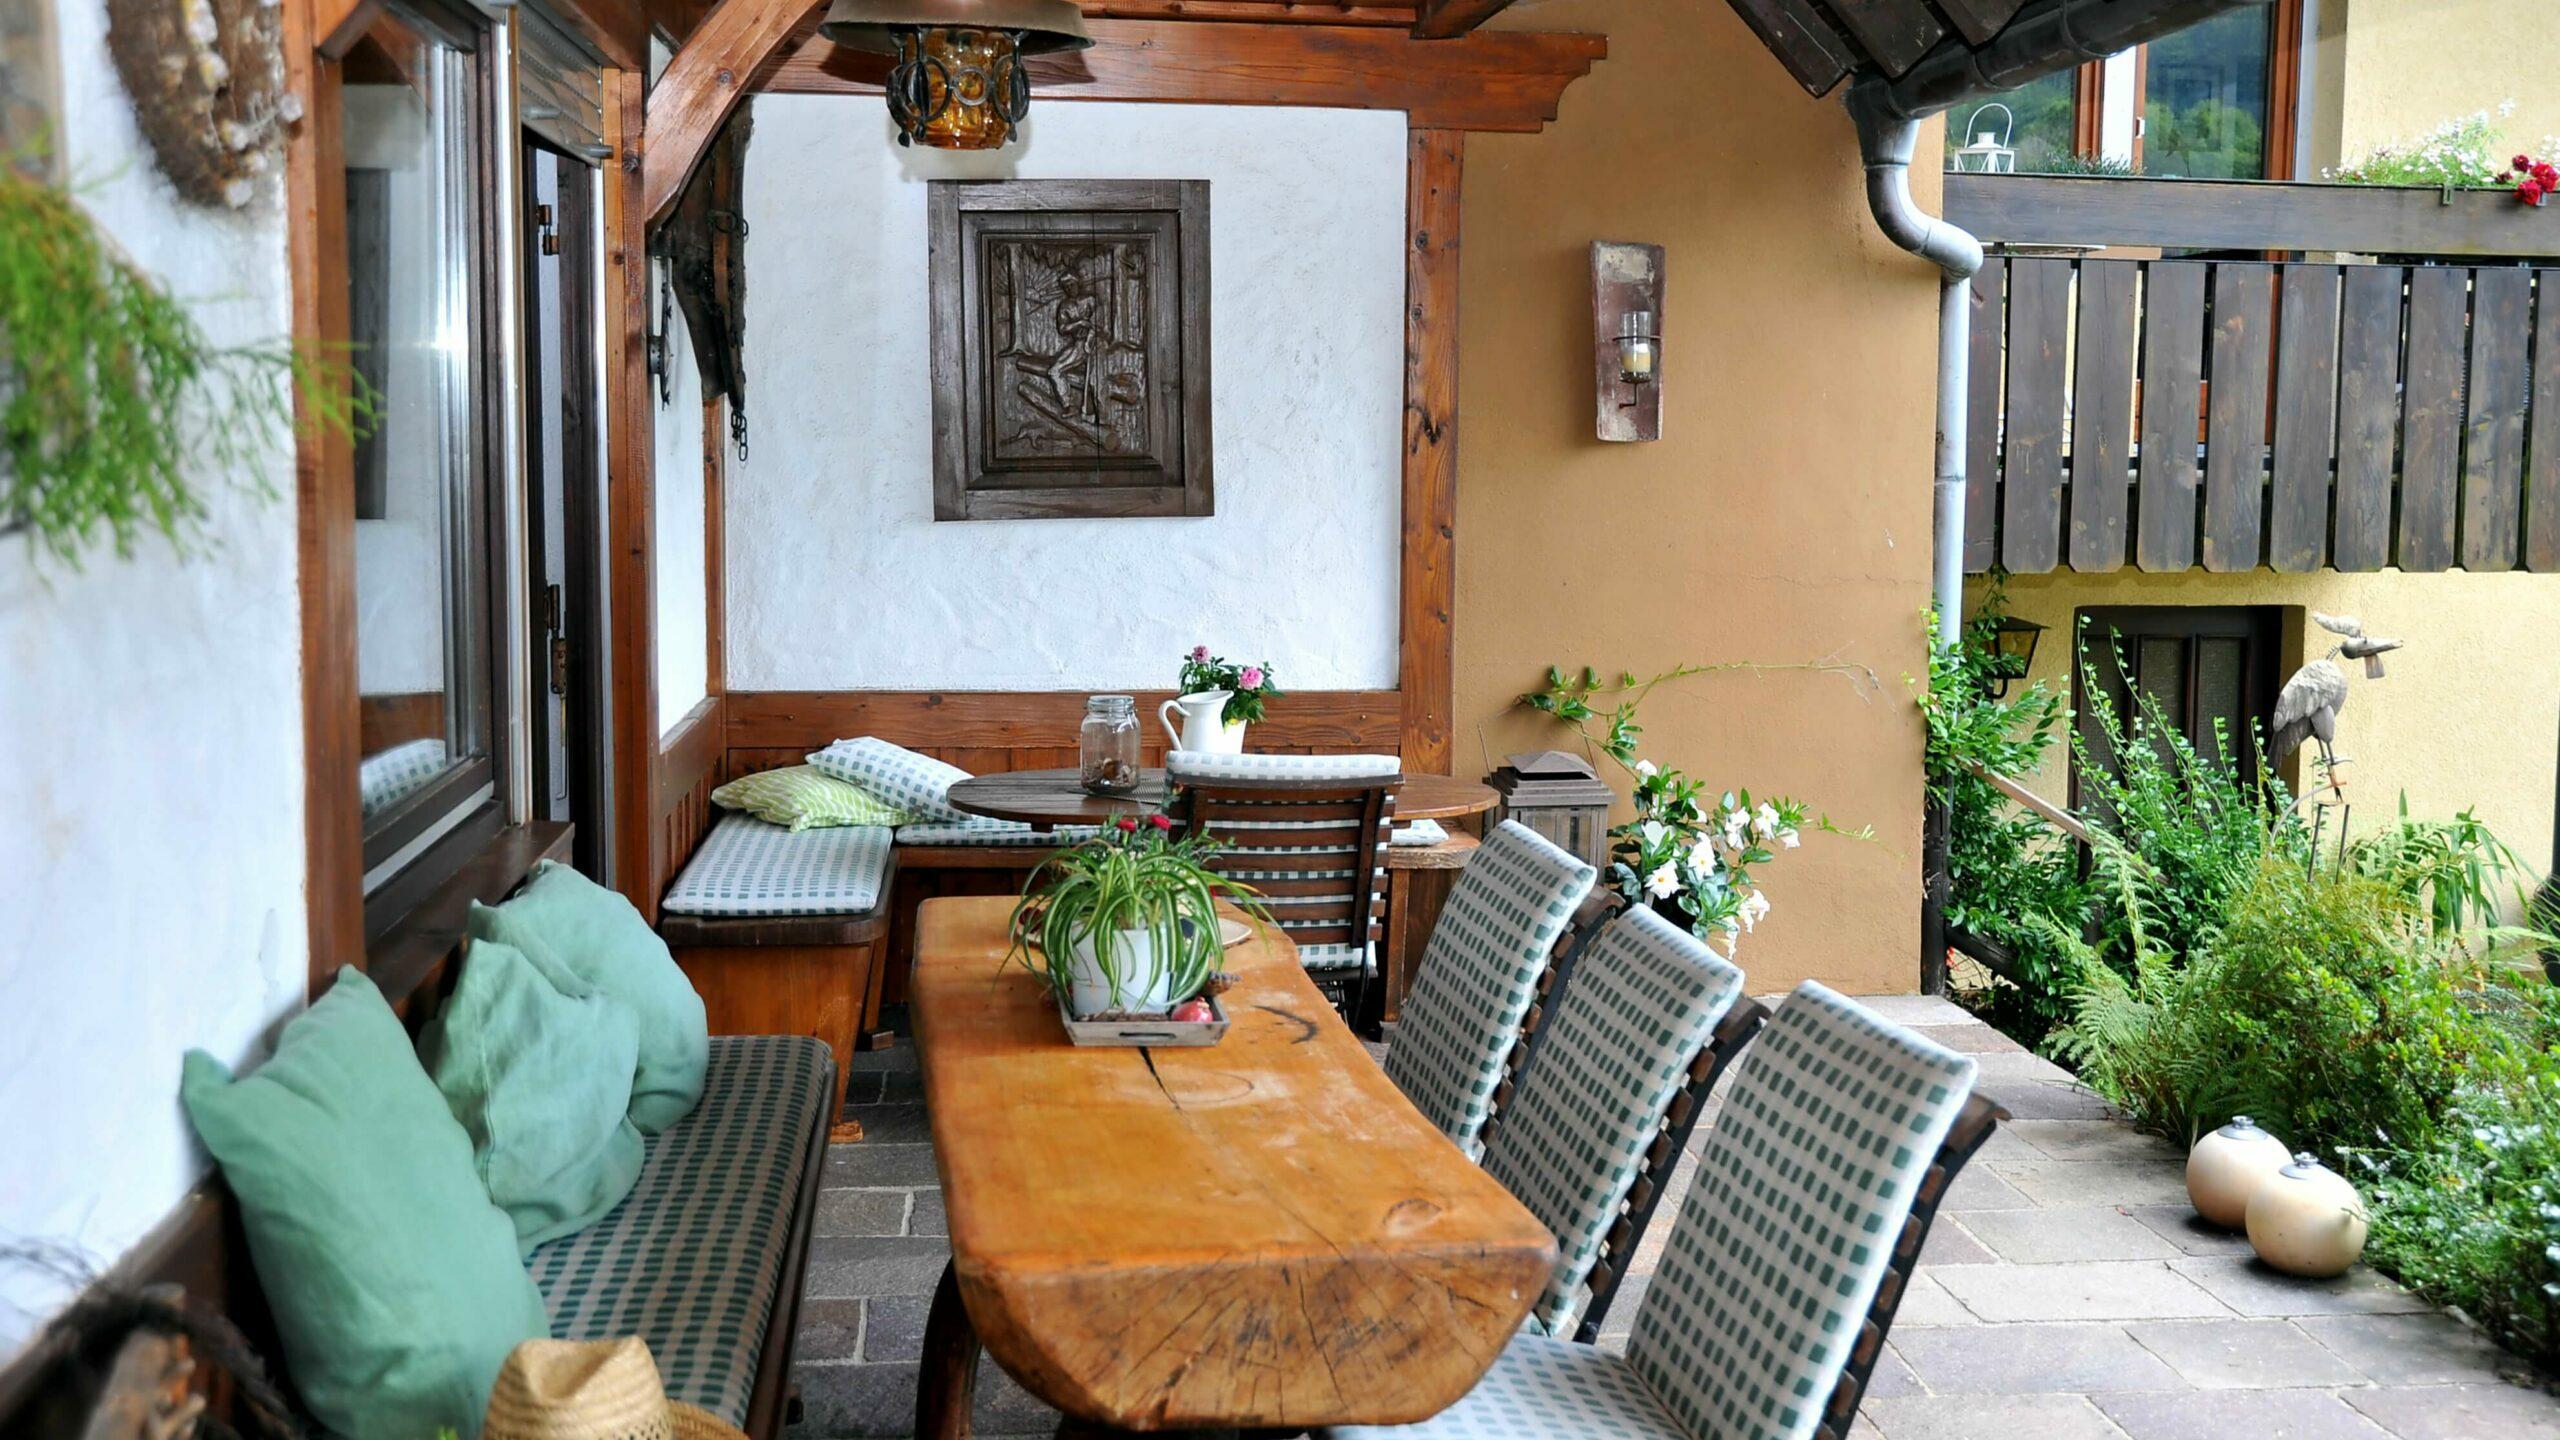 Terrasse mit rustikalen Sitzgelegenheiten